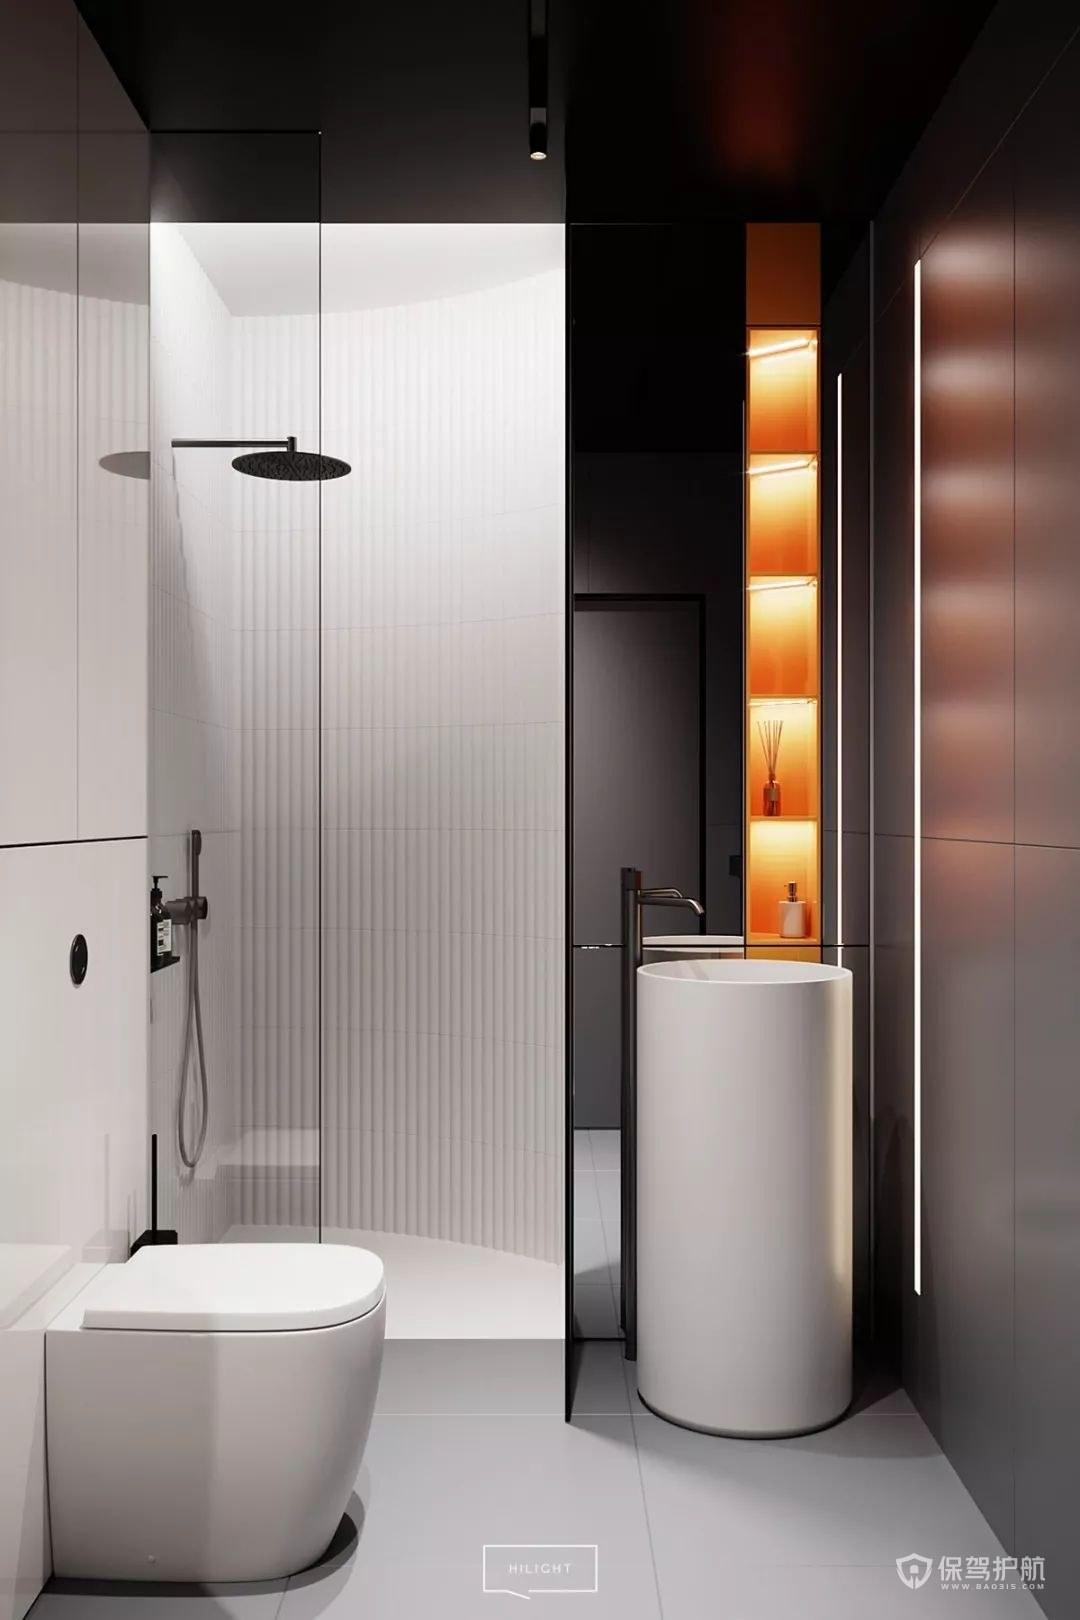 衛生間淋浴房干濕分離效果圖